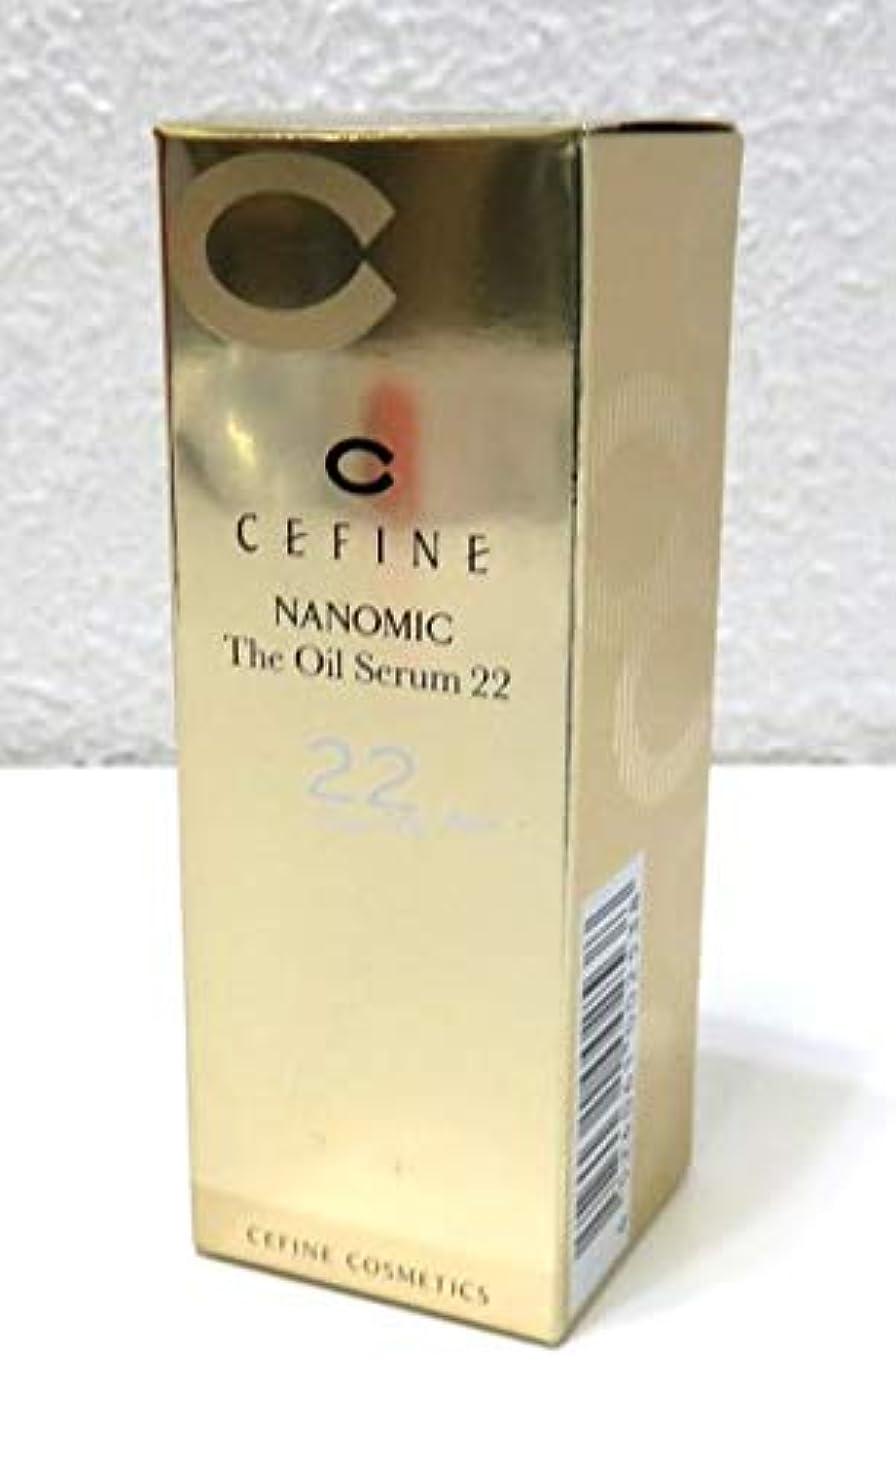 湿度ナイロン最も遠いセフィーヌ ナノミック ザ?オイルセラム 22 (オイル状美容液) 20ml